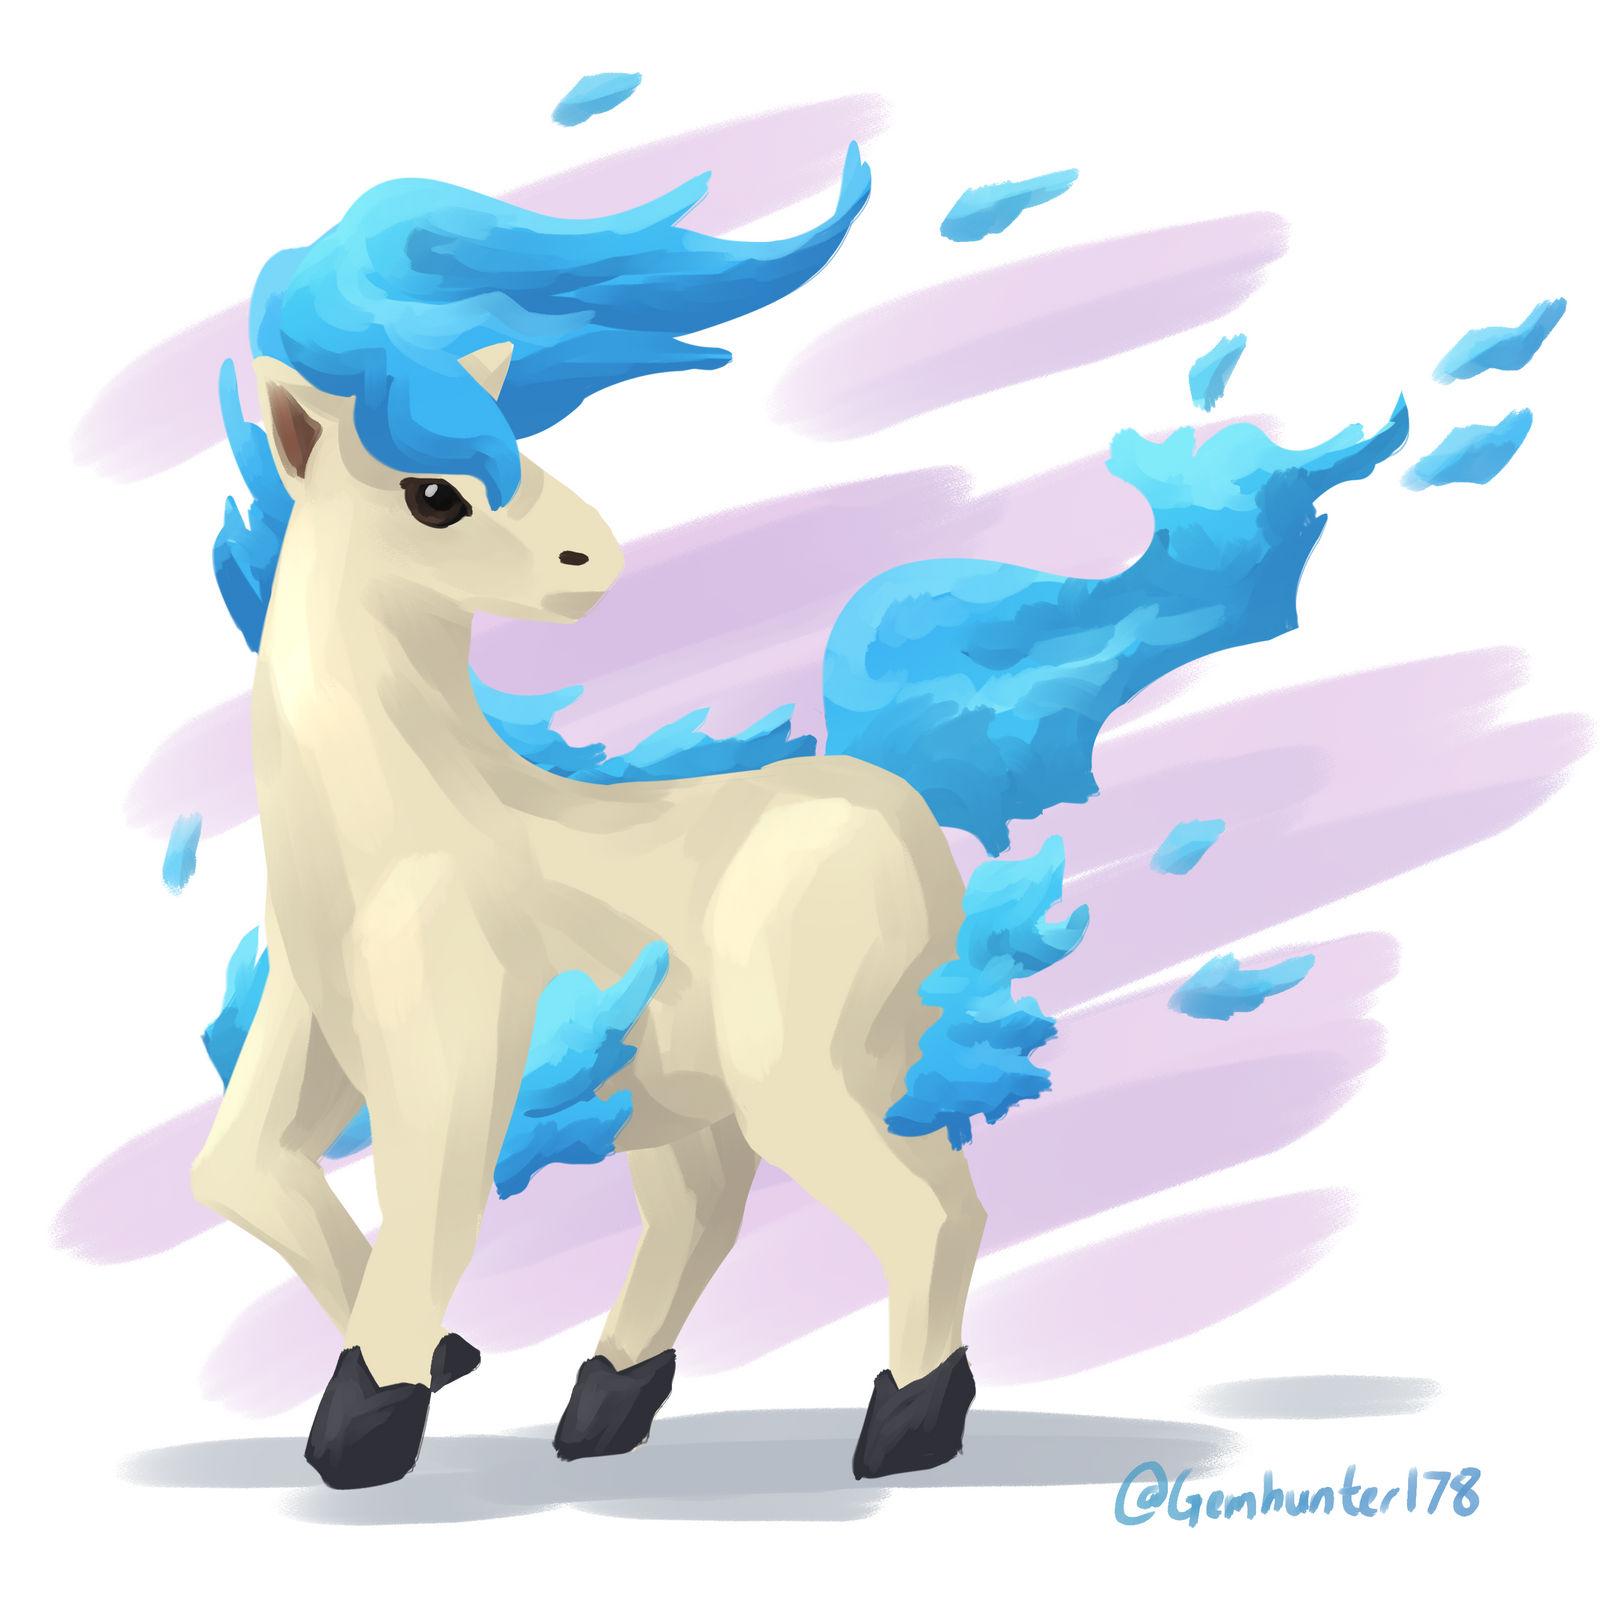 Shiny Ponyta